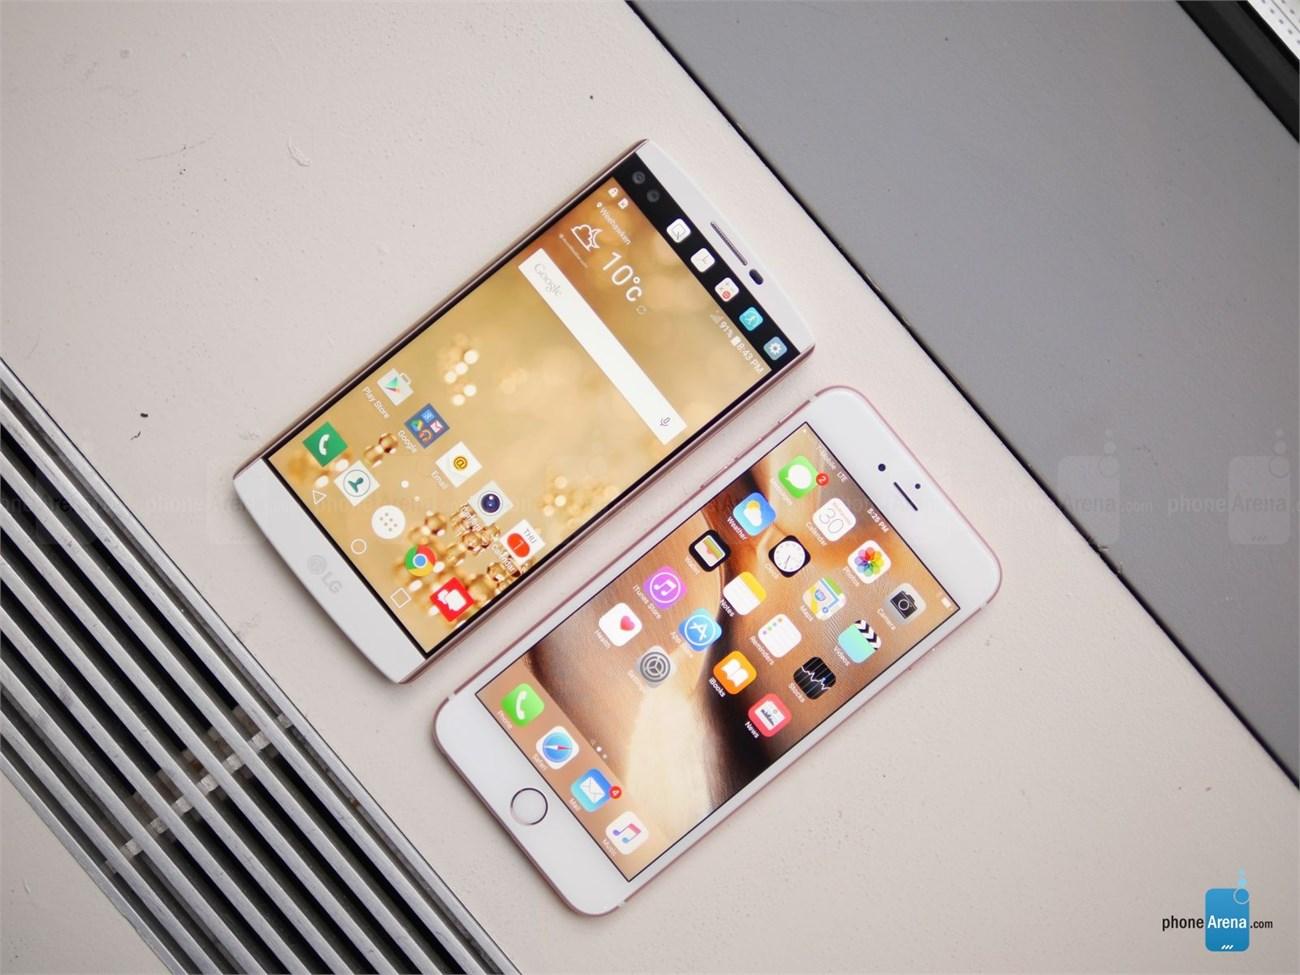 iPhone 6s Plus vs LG V10